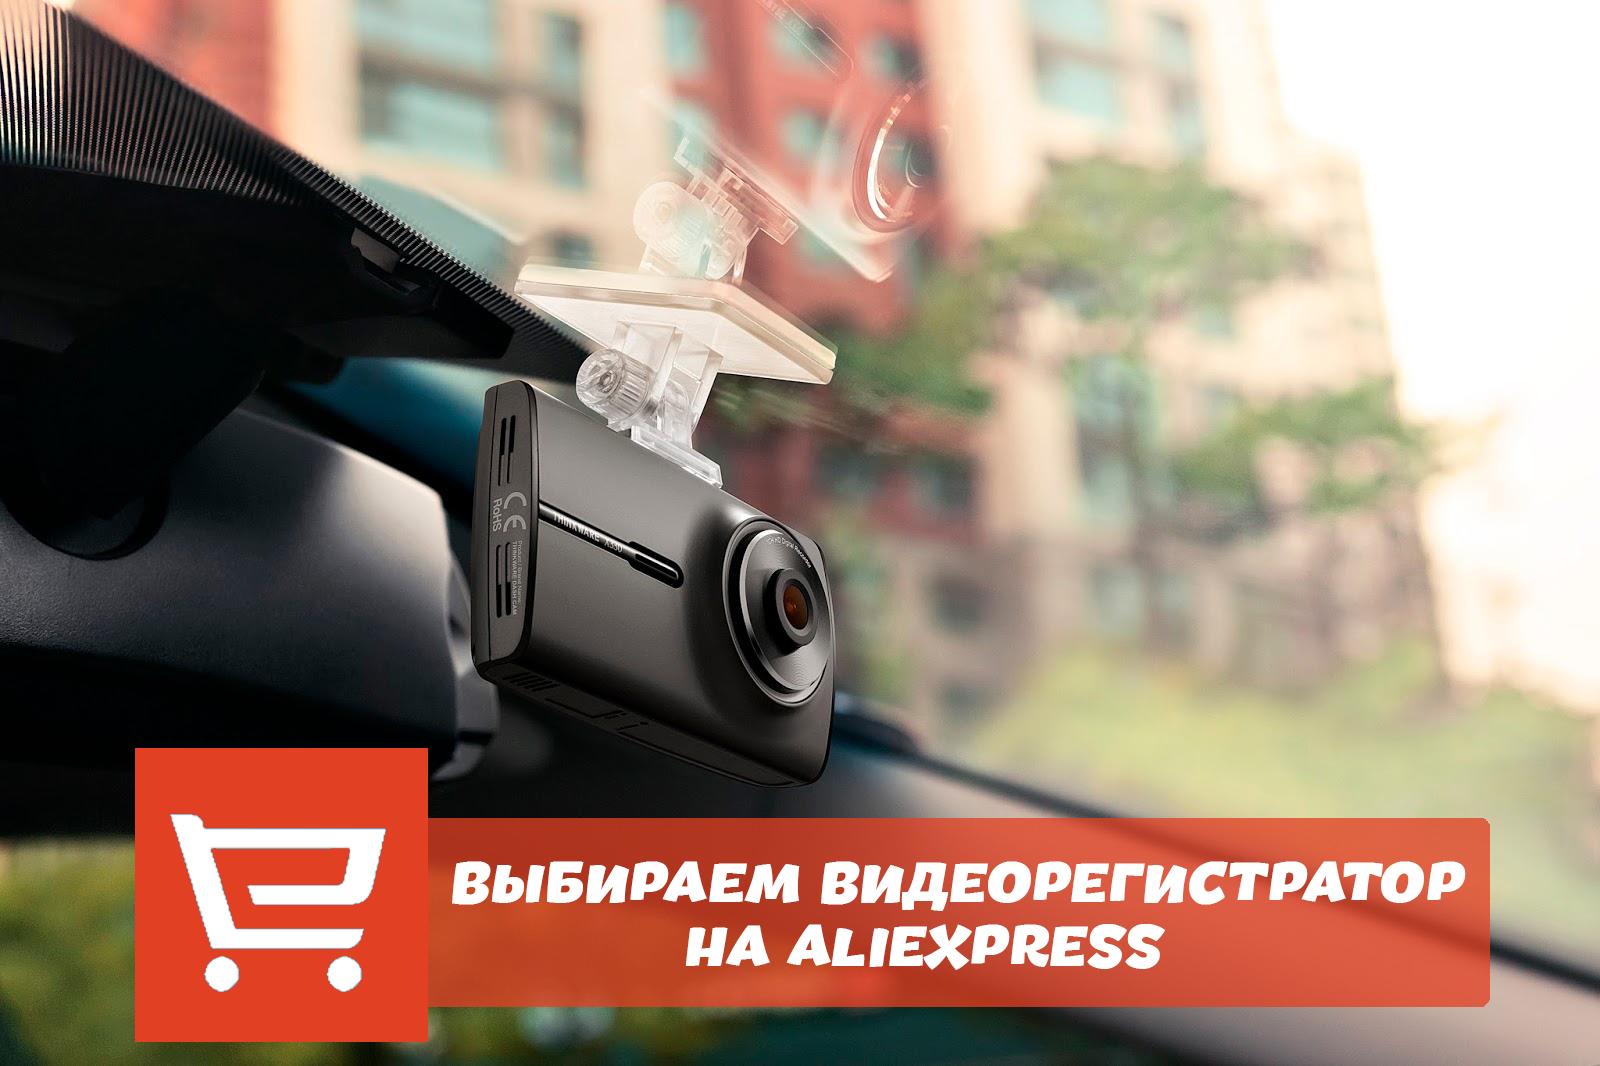 Выбираем лучший видеорегистратор на Алиэкспресс